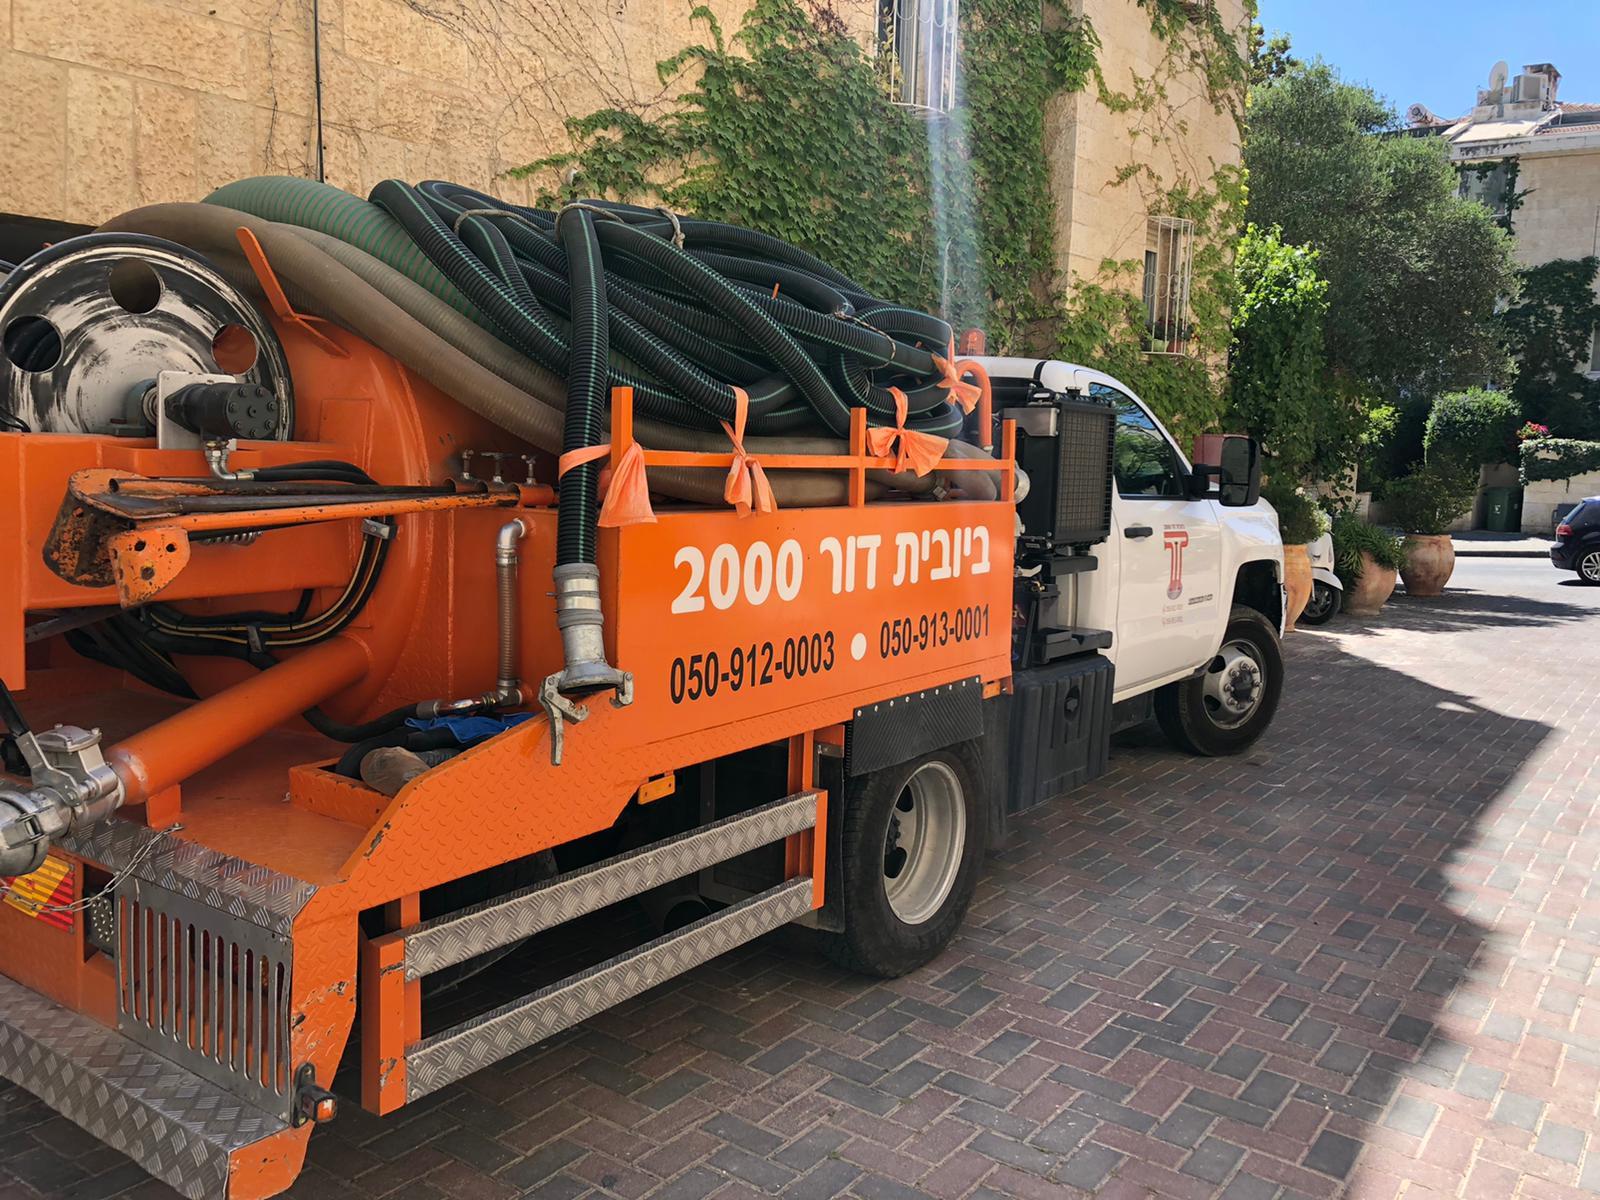 פתיחת סתימה וצילום קו ראשי ע״י ביובית דור 2000 בשכונת ארנונה בירושלים.